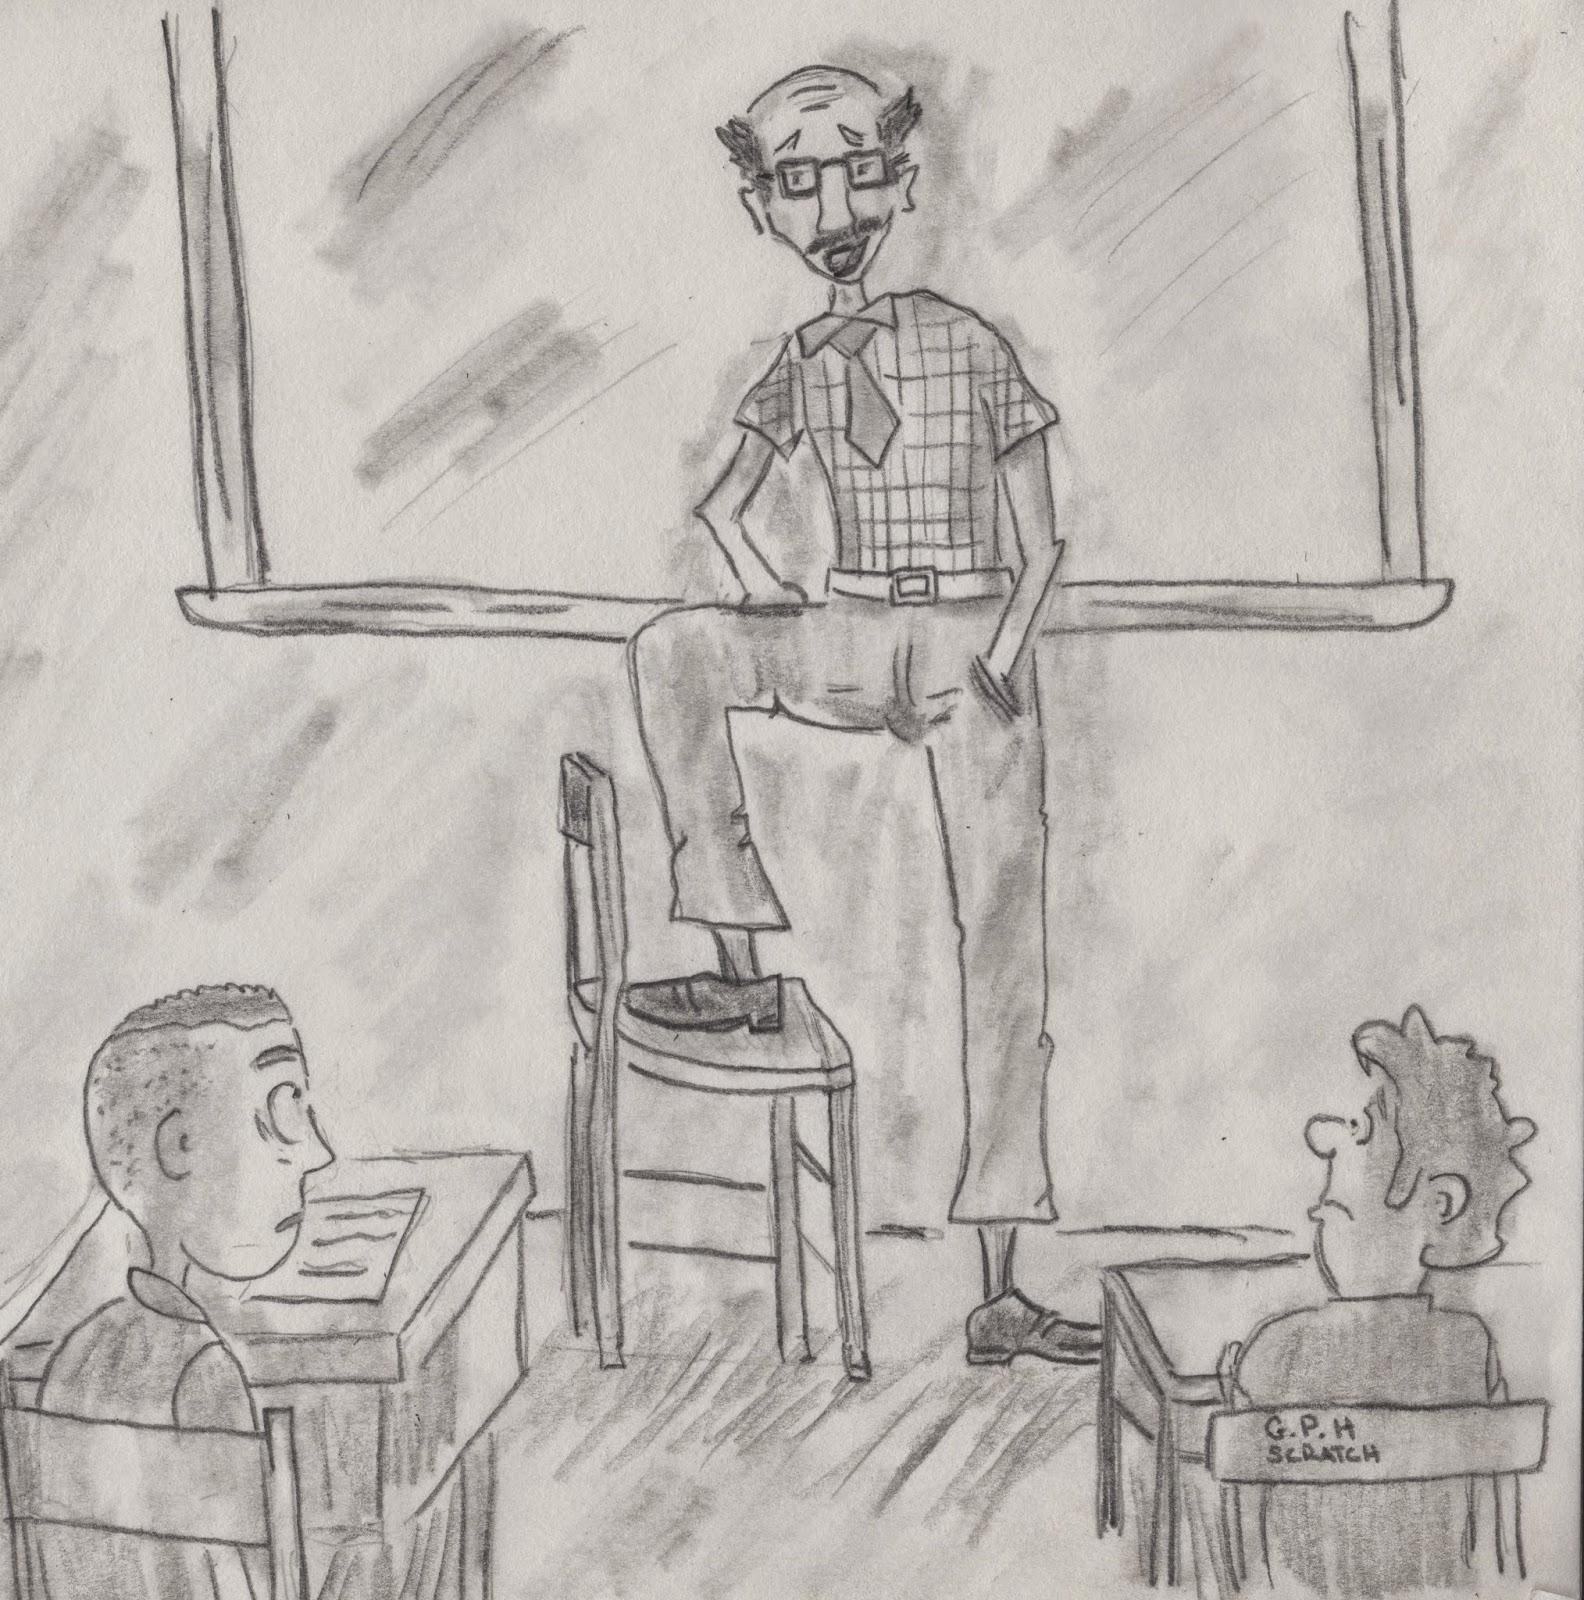 TEACHER TELLING ANECDOTE